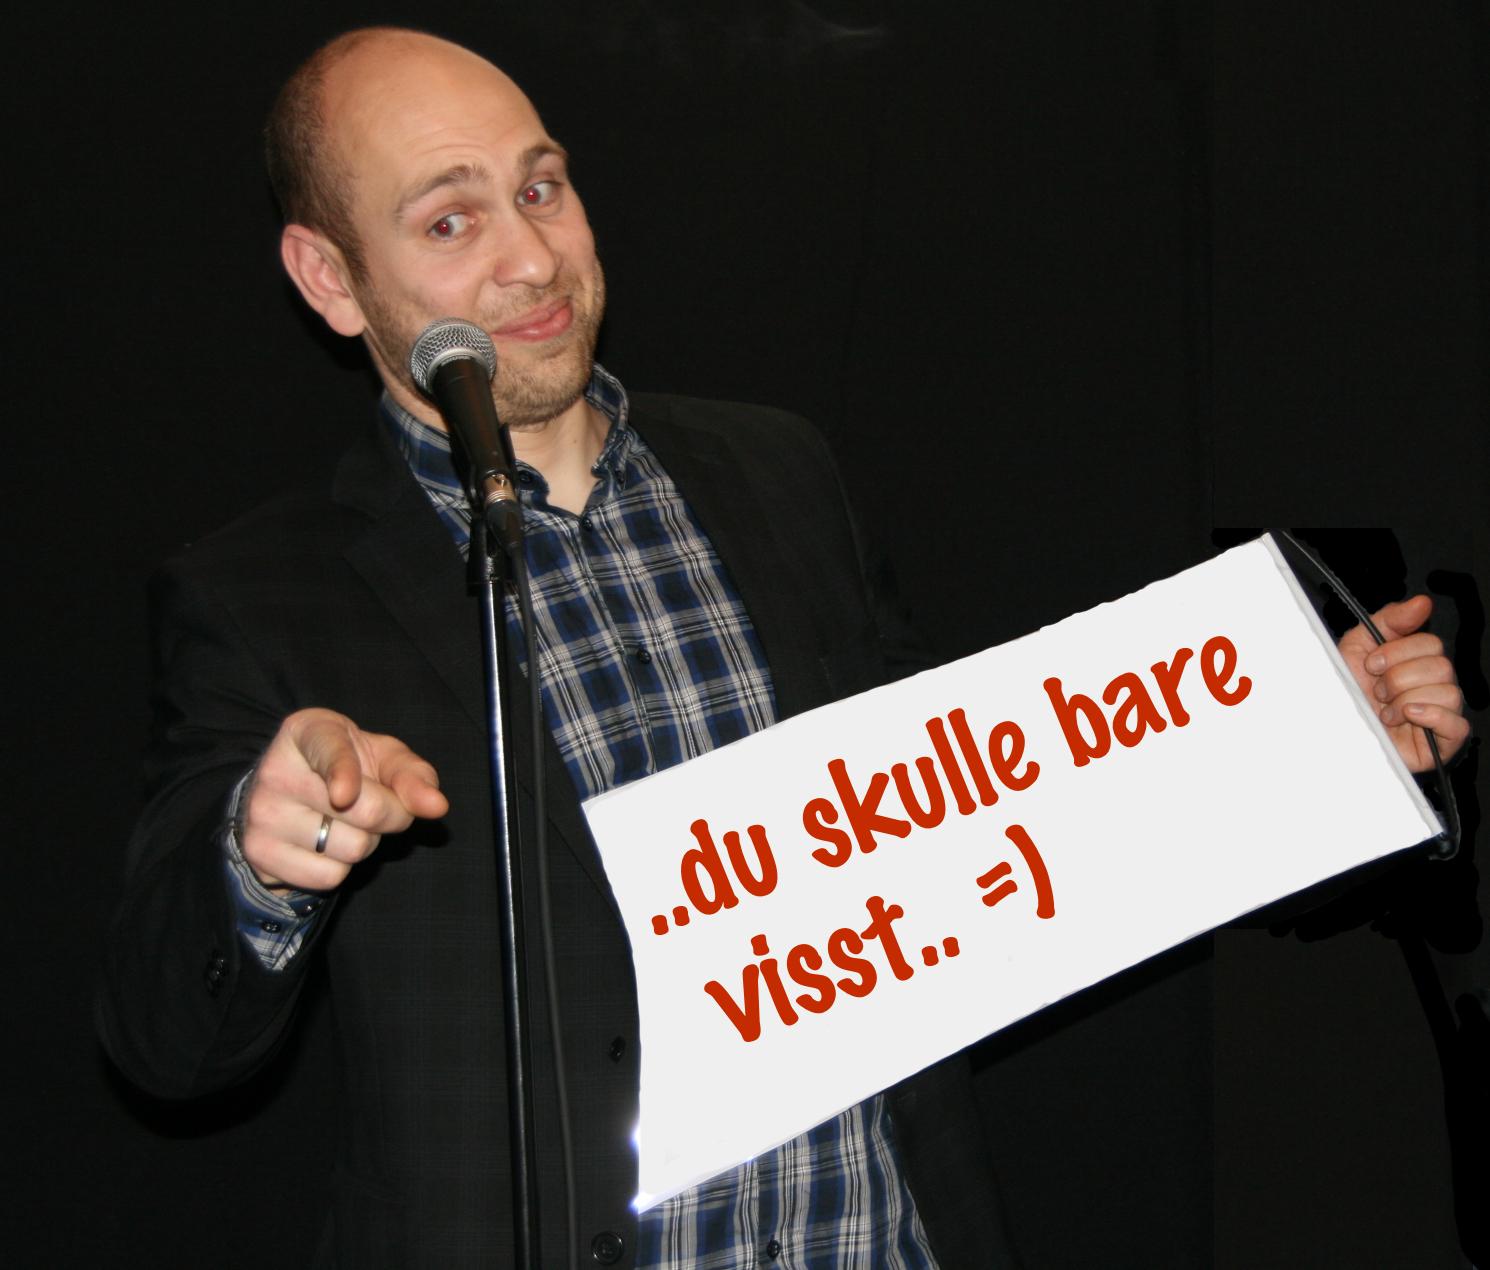 Familieshow med Håvard Sand - Søndag 7. okt klokken 12.30 går Håvard Sand på scenen og garanterer ett show spekket med magi og humor som passer hele familien.Showet er inkludert i helgepasset